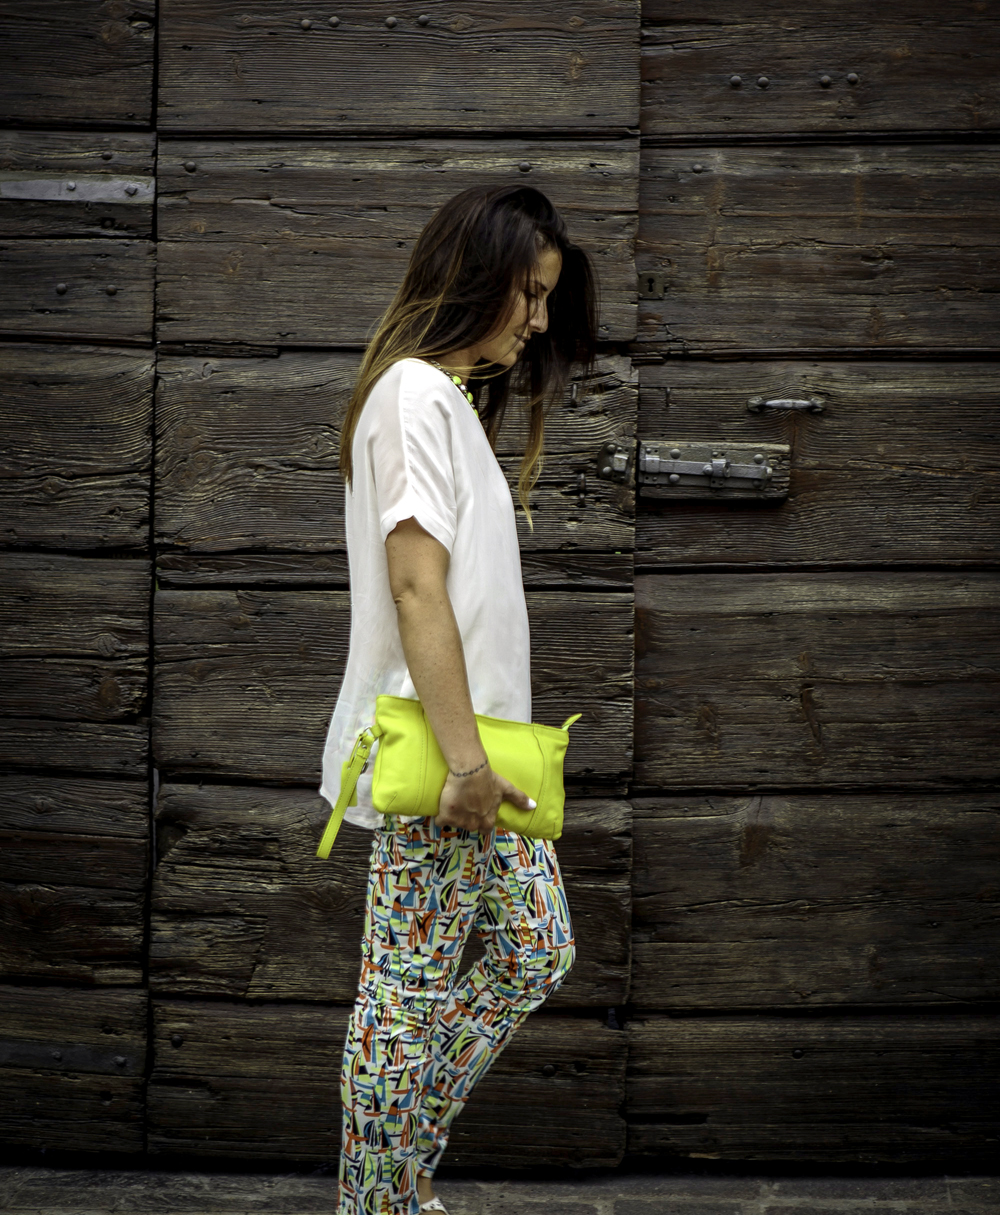 Petit_Bateau_pantaloni_colori_acidi_top_bianco_pochette_giallo_lime_capelli_shatush_momeme